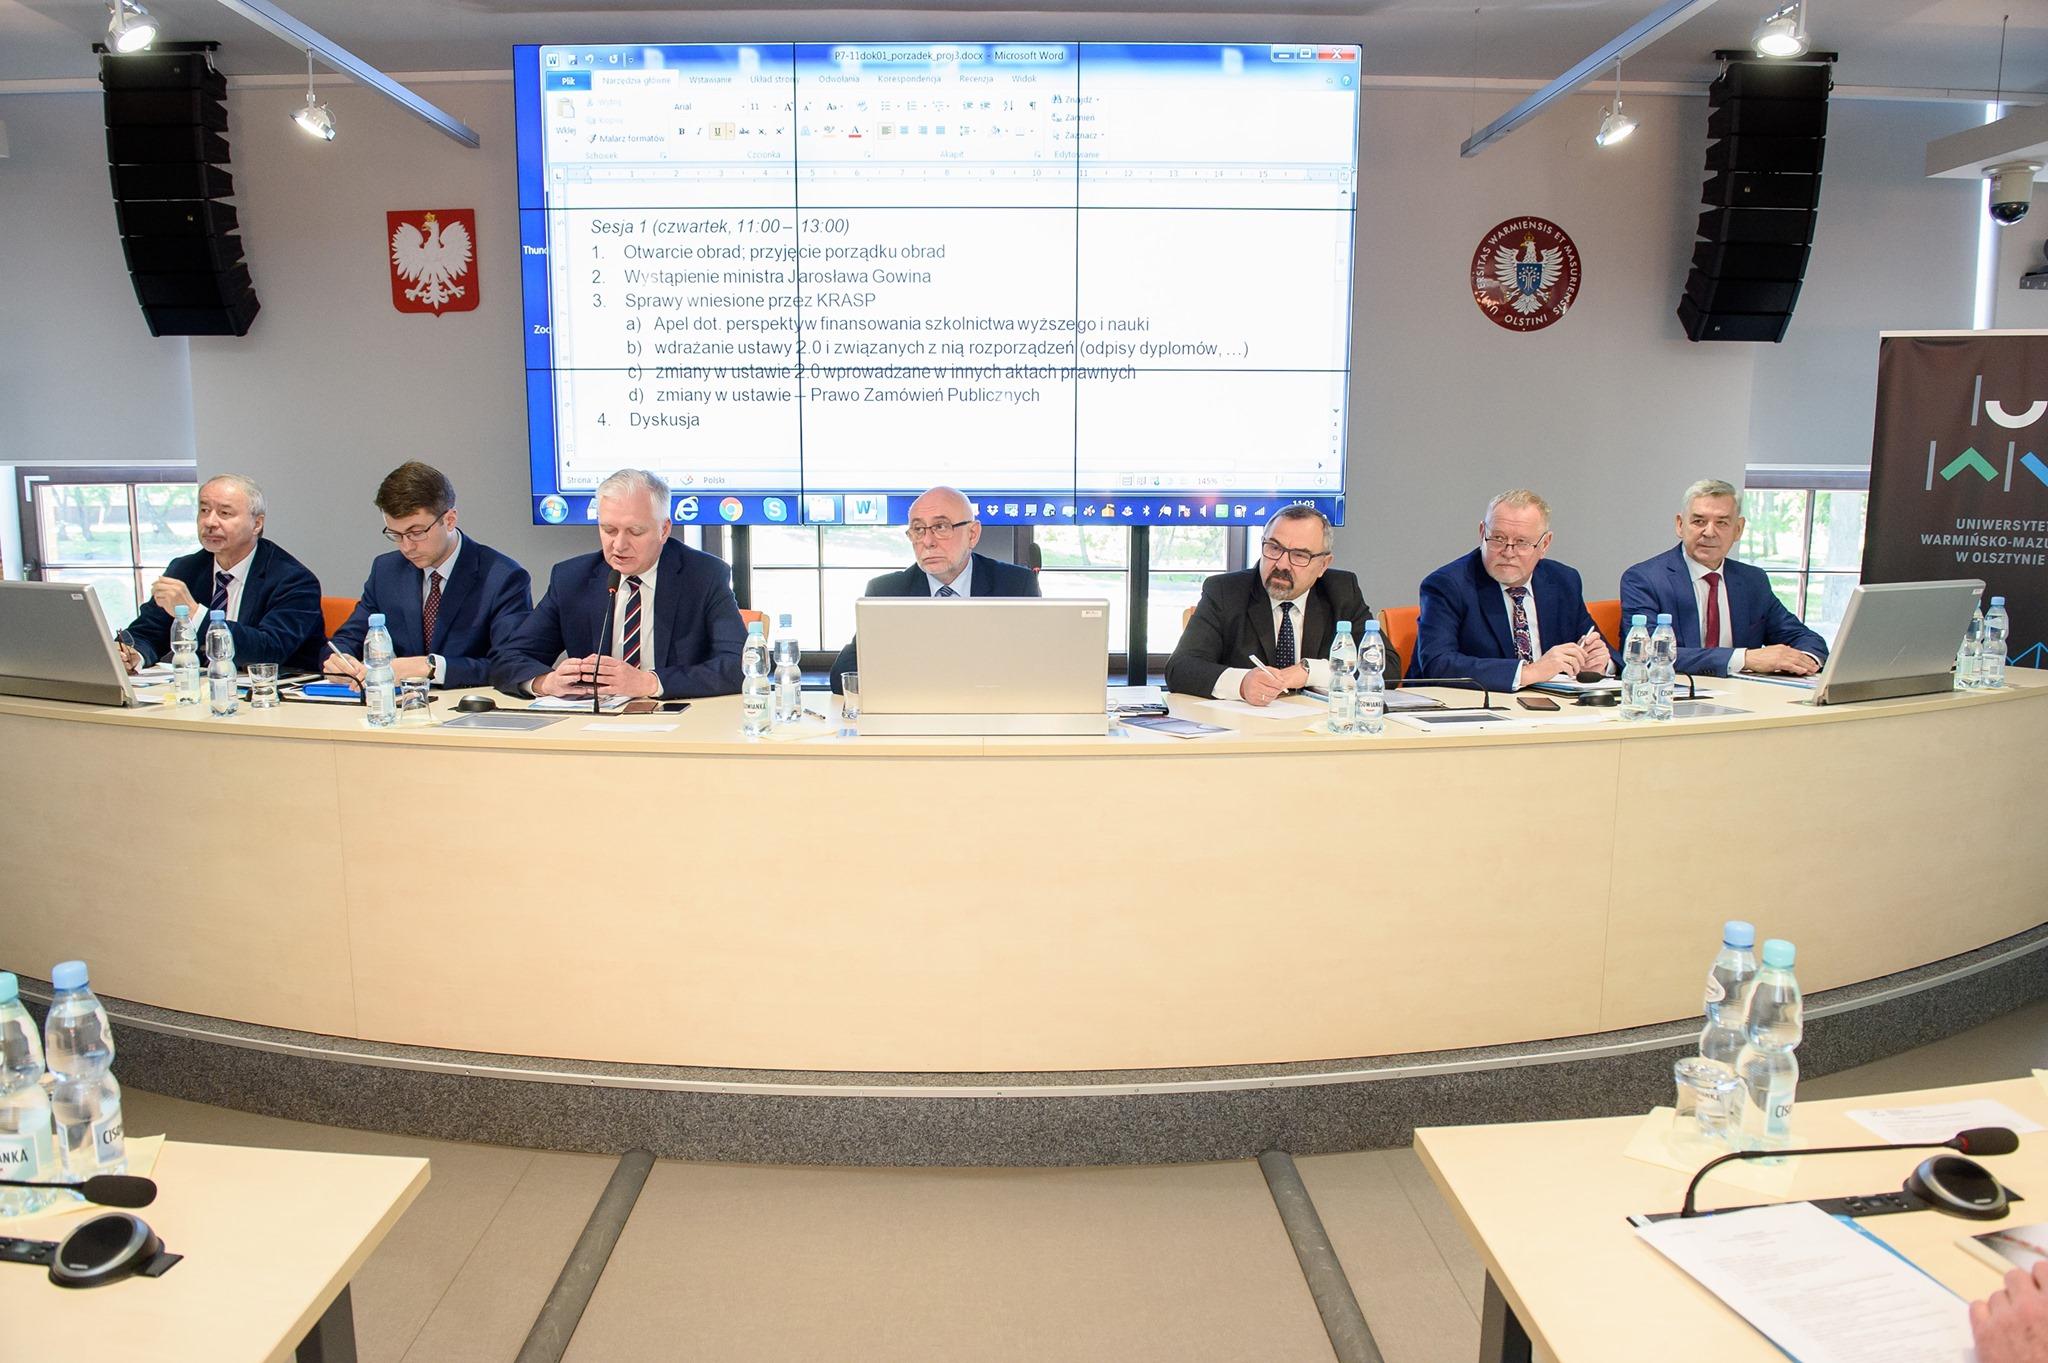 Prezydium Konferencji Rektorów Akademickich Szkół Polskich